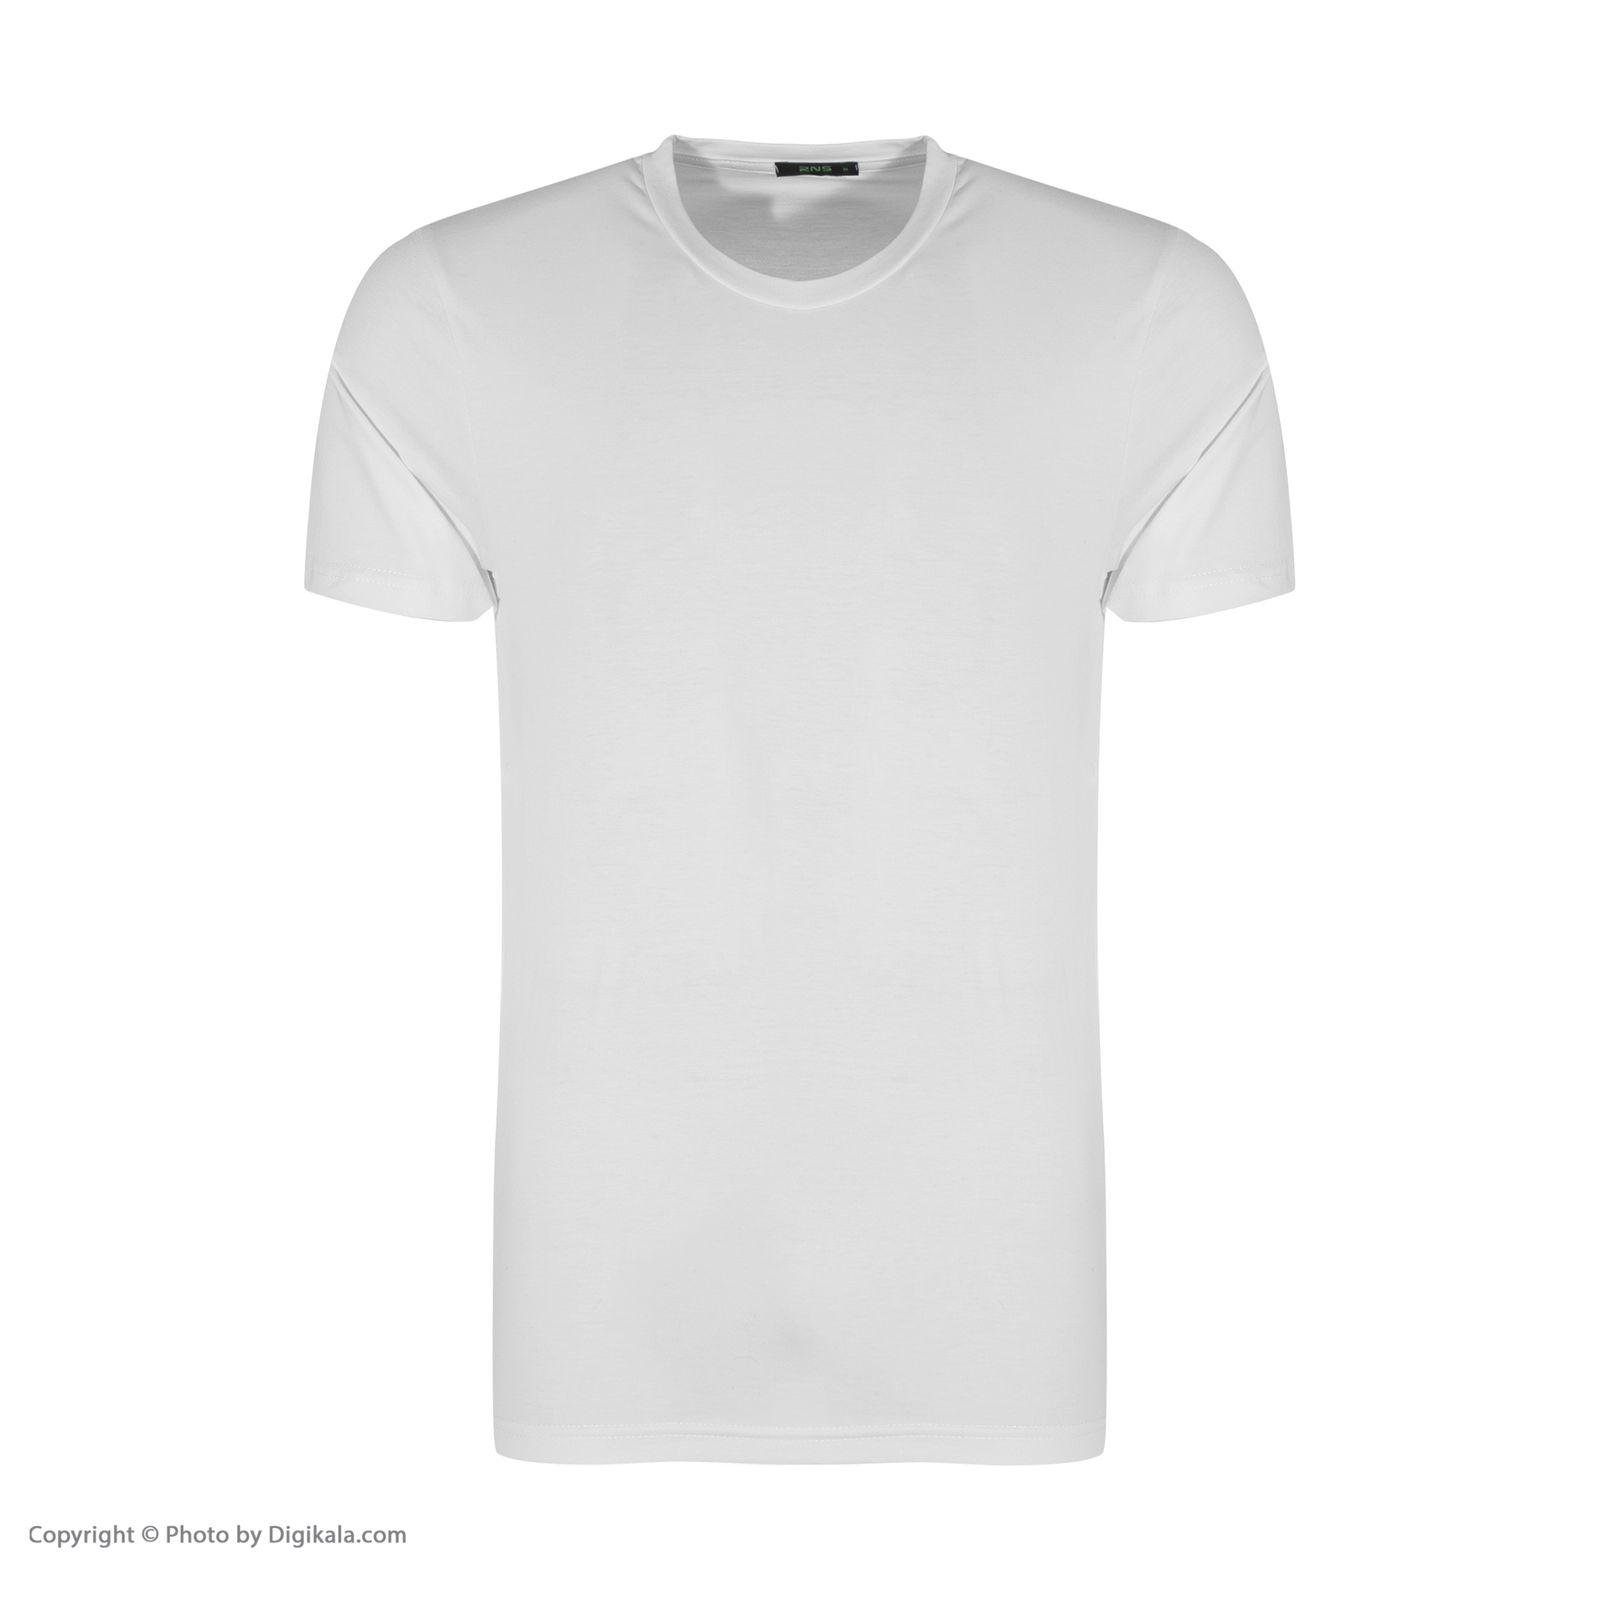 تی شرت مردانه آر ان اس مدل 131005-93 -  - 2